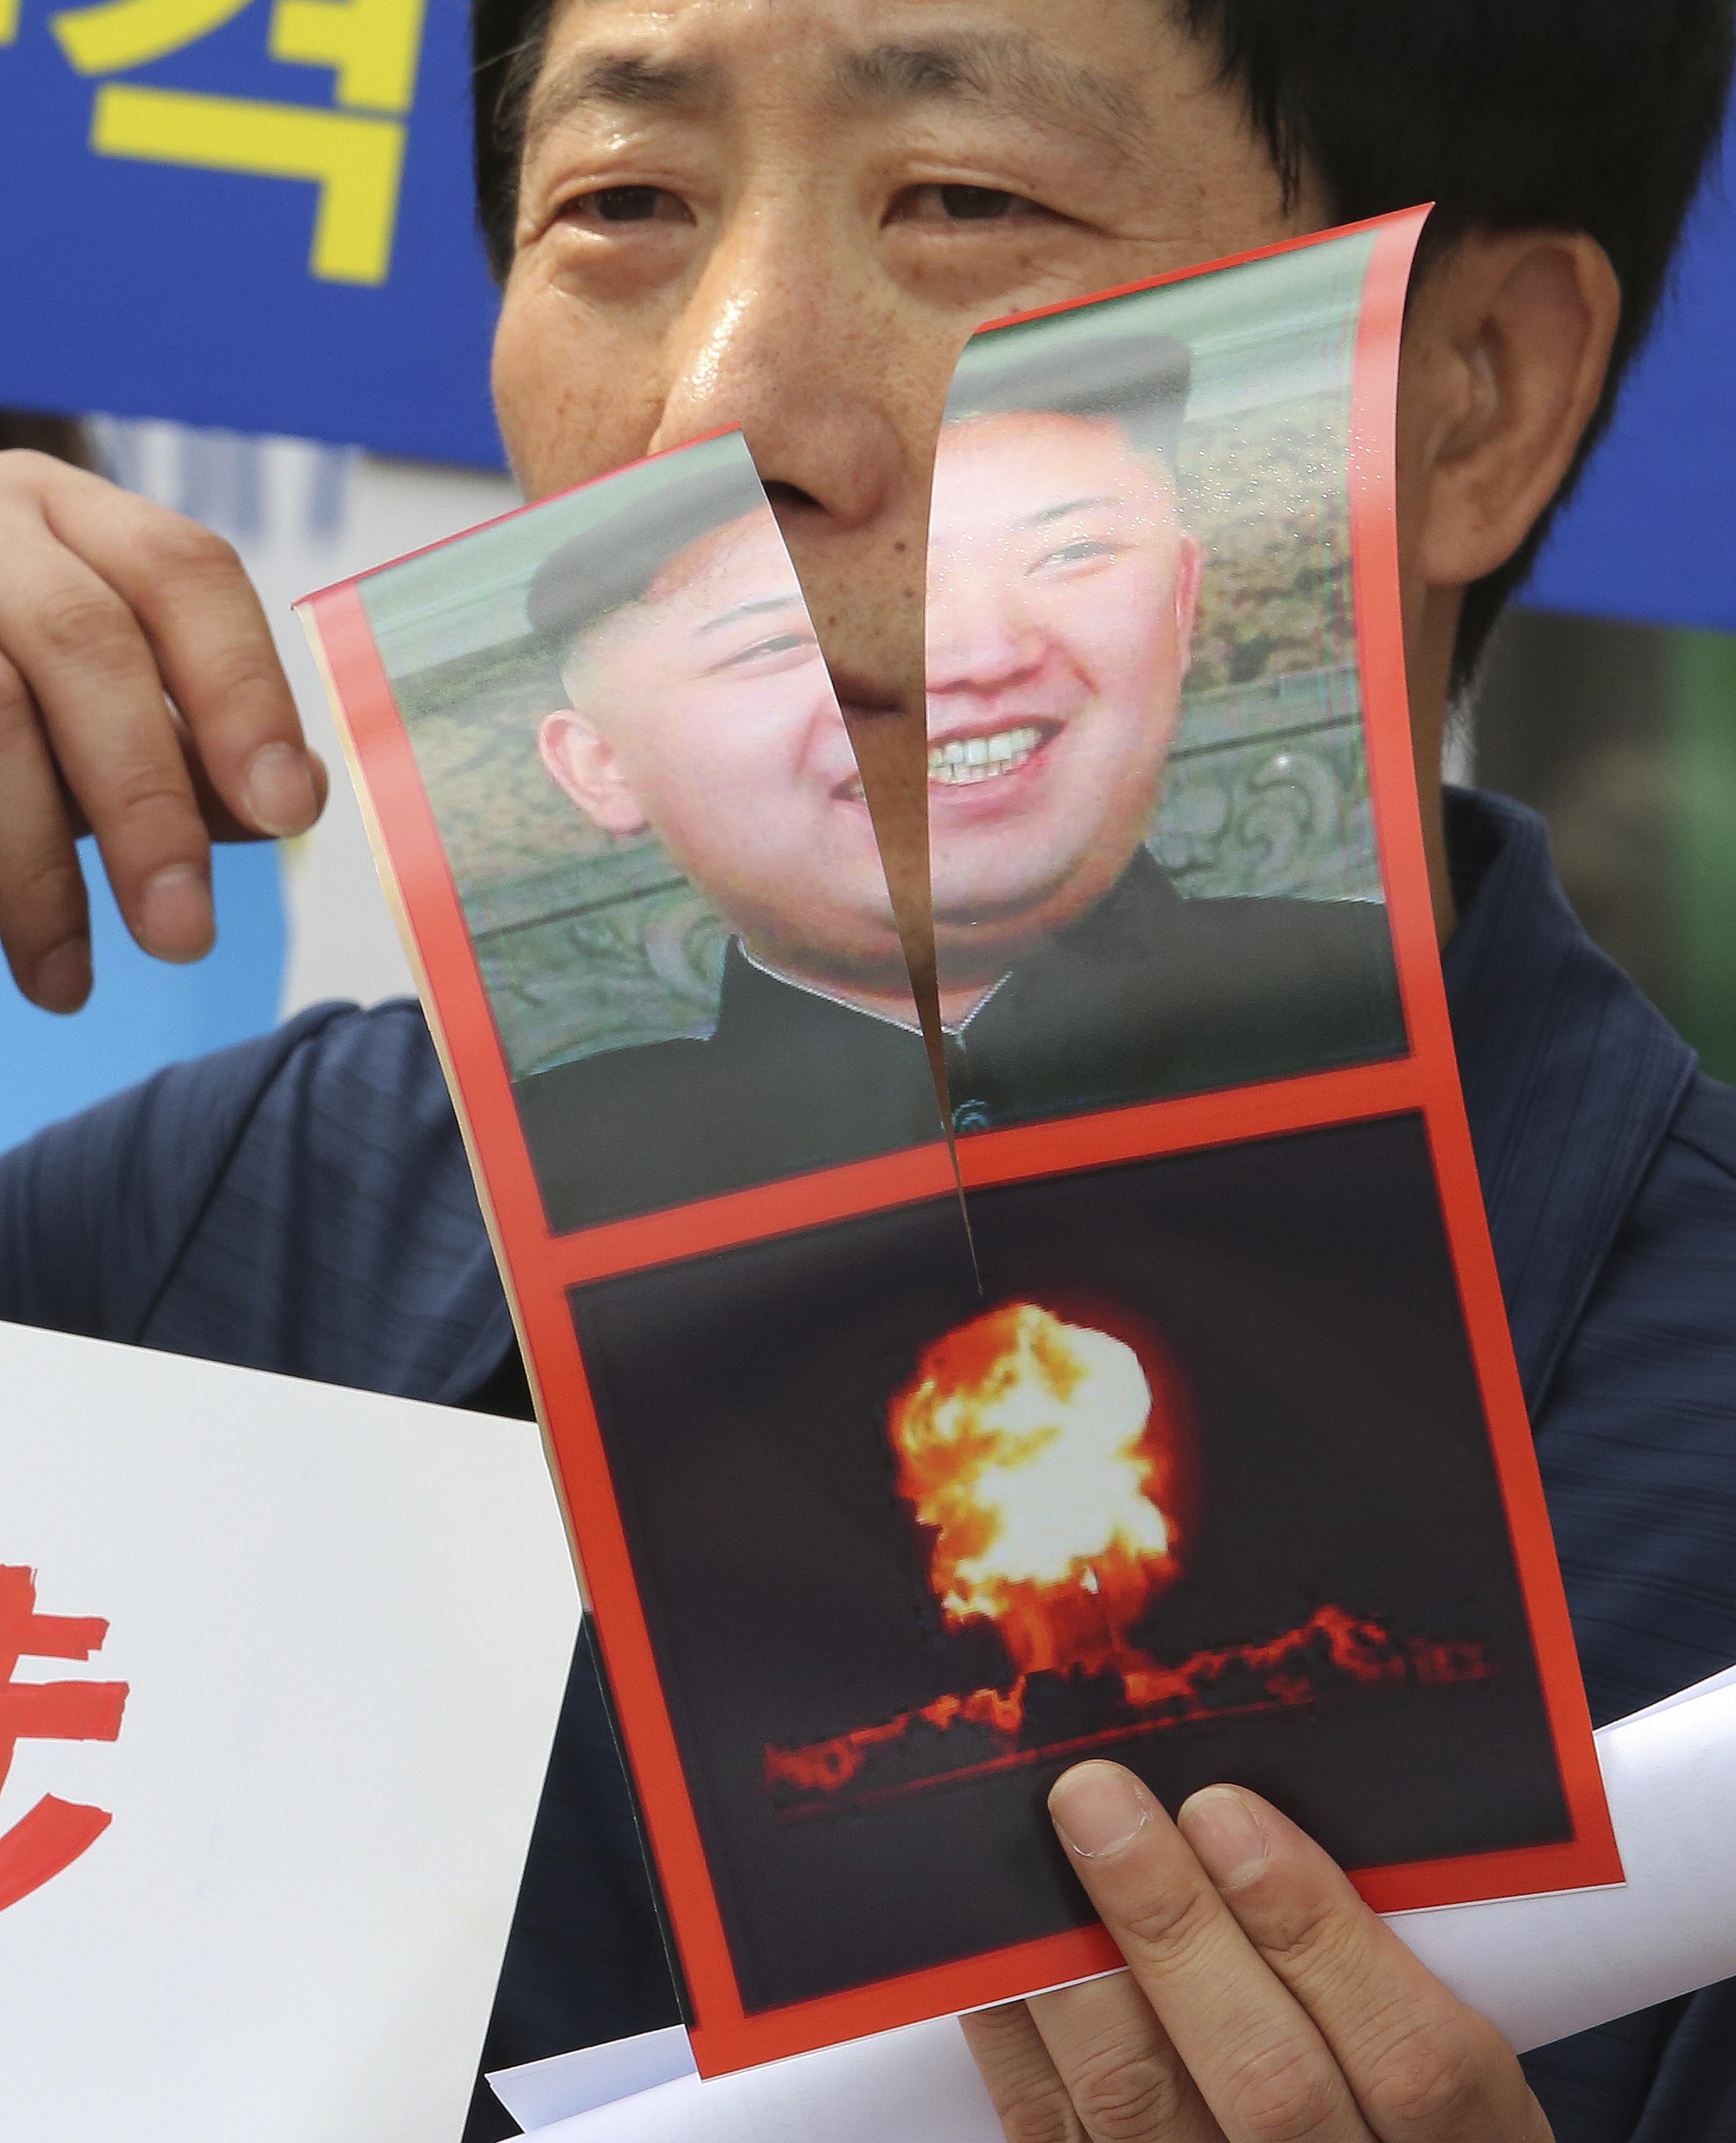 ▲▼脫北者朴尚學(Park Sang Hak)撕毀北韓領導人金正恩的海報。(圖/達志影像/美聯社)